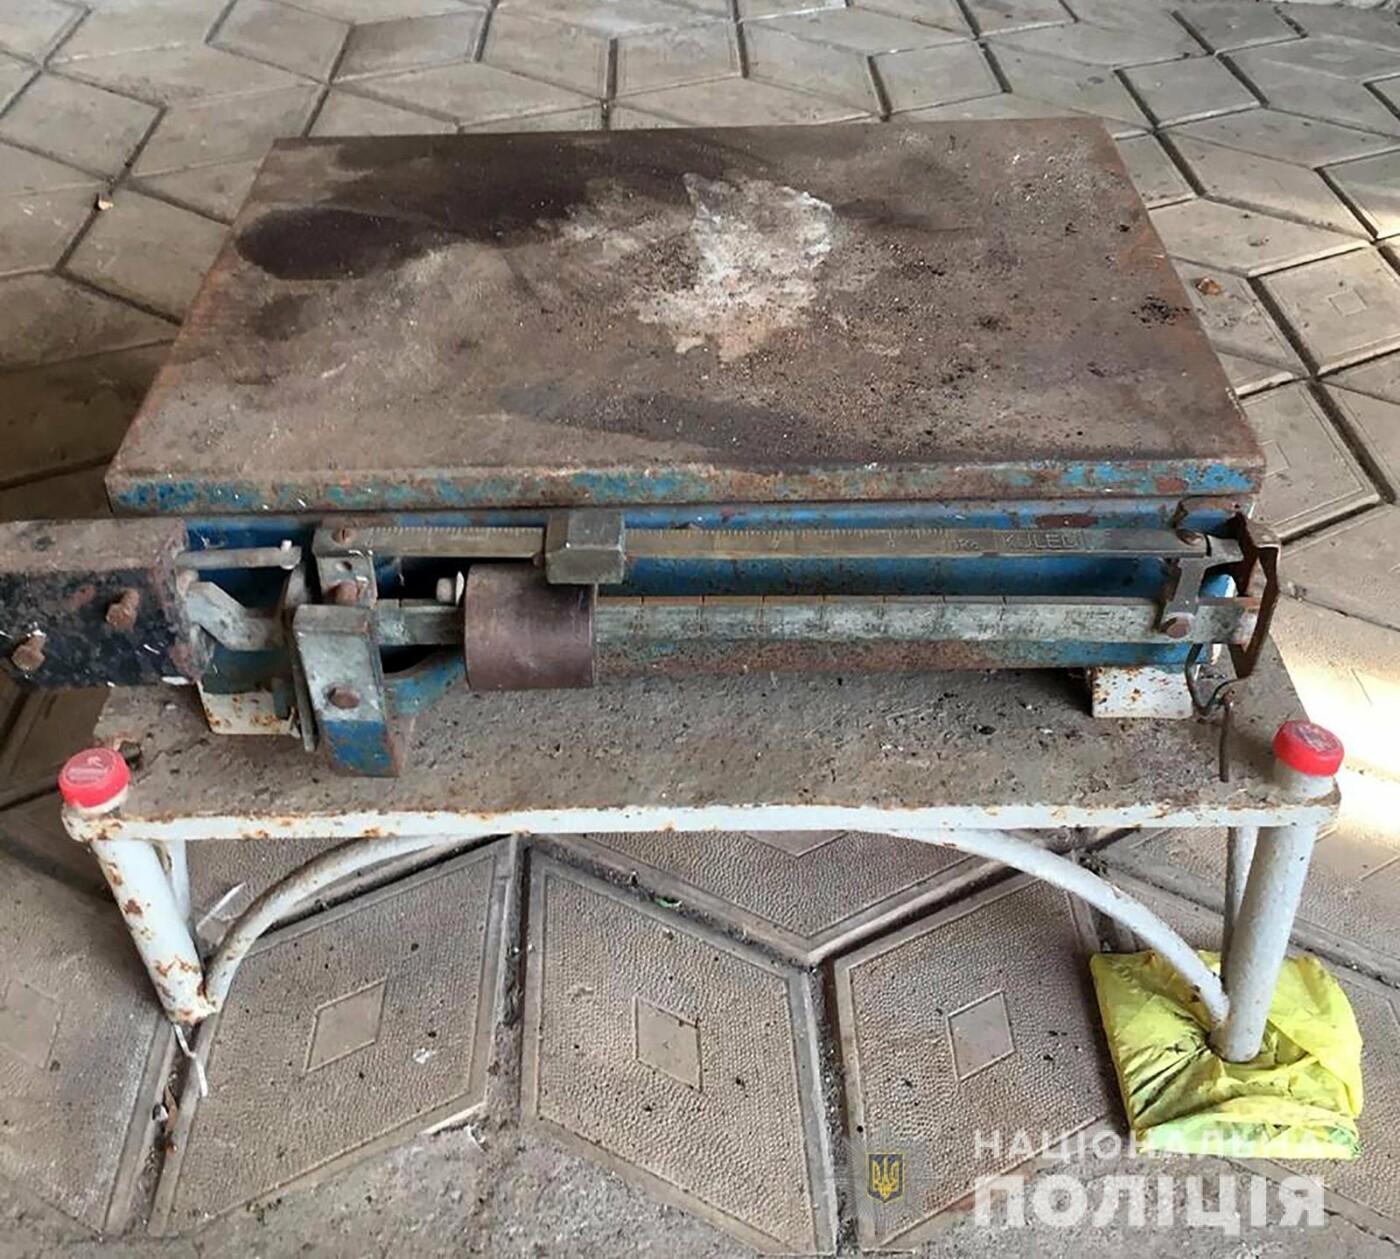 В Мелитополе пенсионерка организовала нелегальный пункт приема металлолома, - ФОТО, фото-3